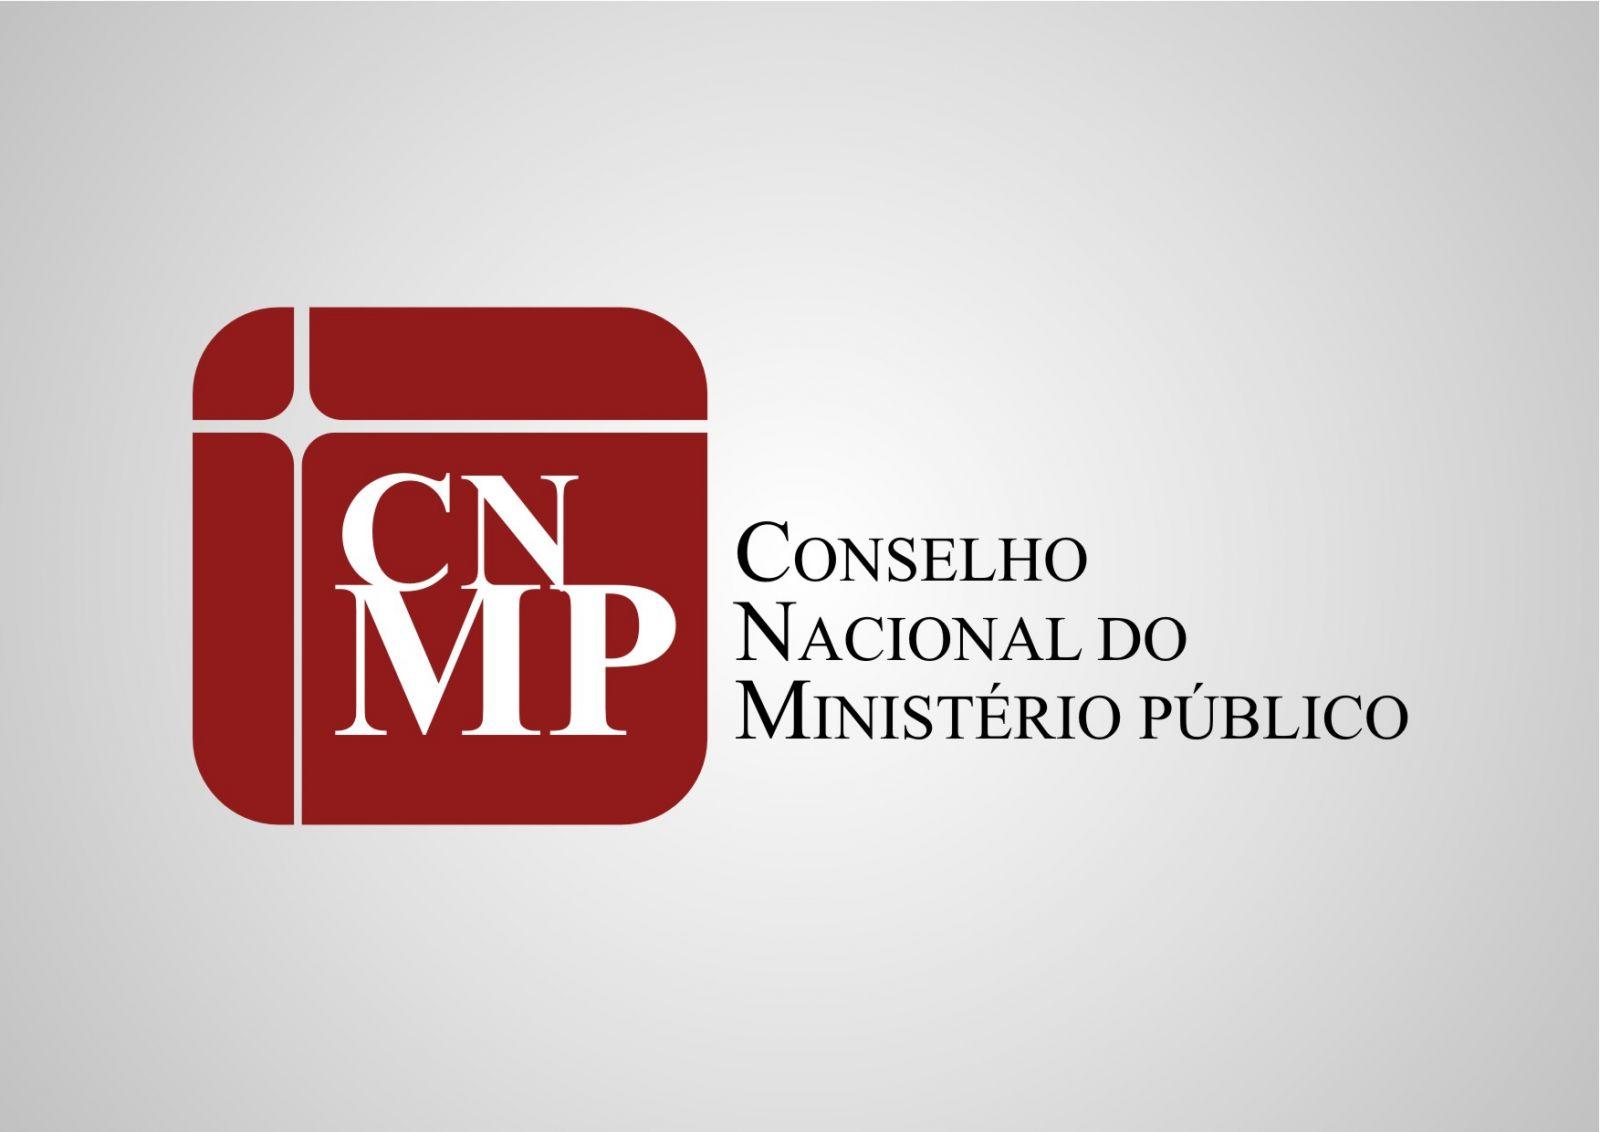 Sugestões de temas de redação para o CNMP! Últimos dias de inscrições! Não perca!